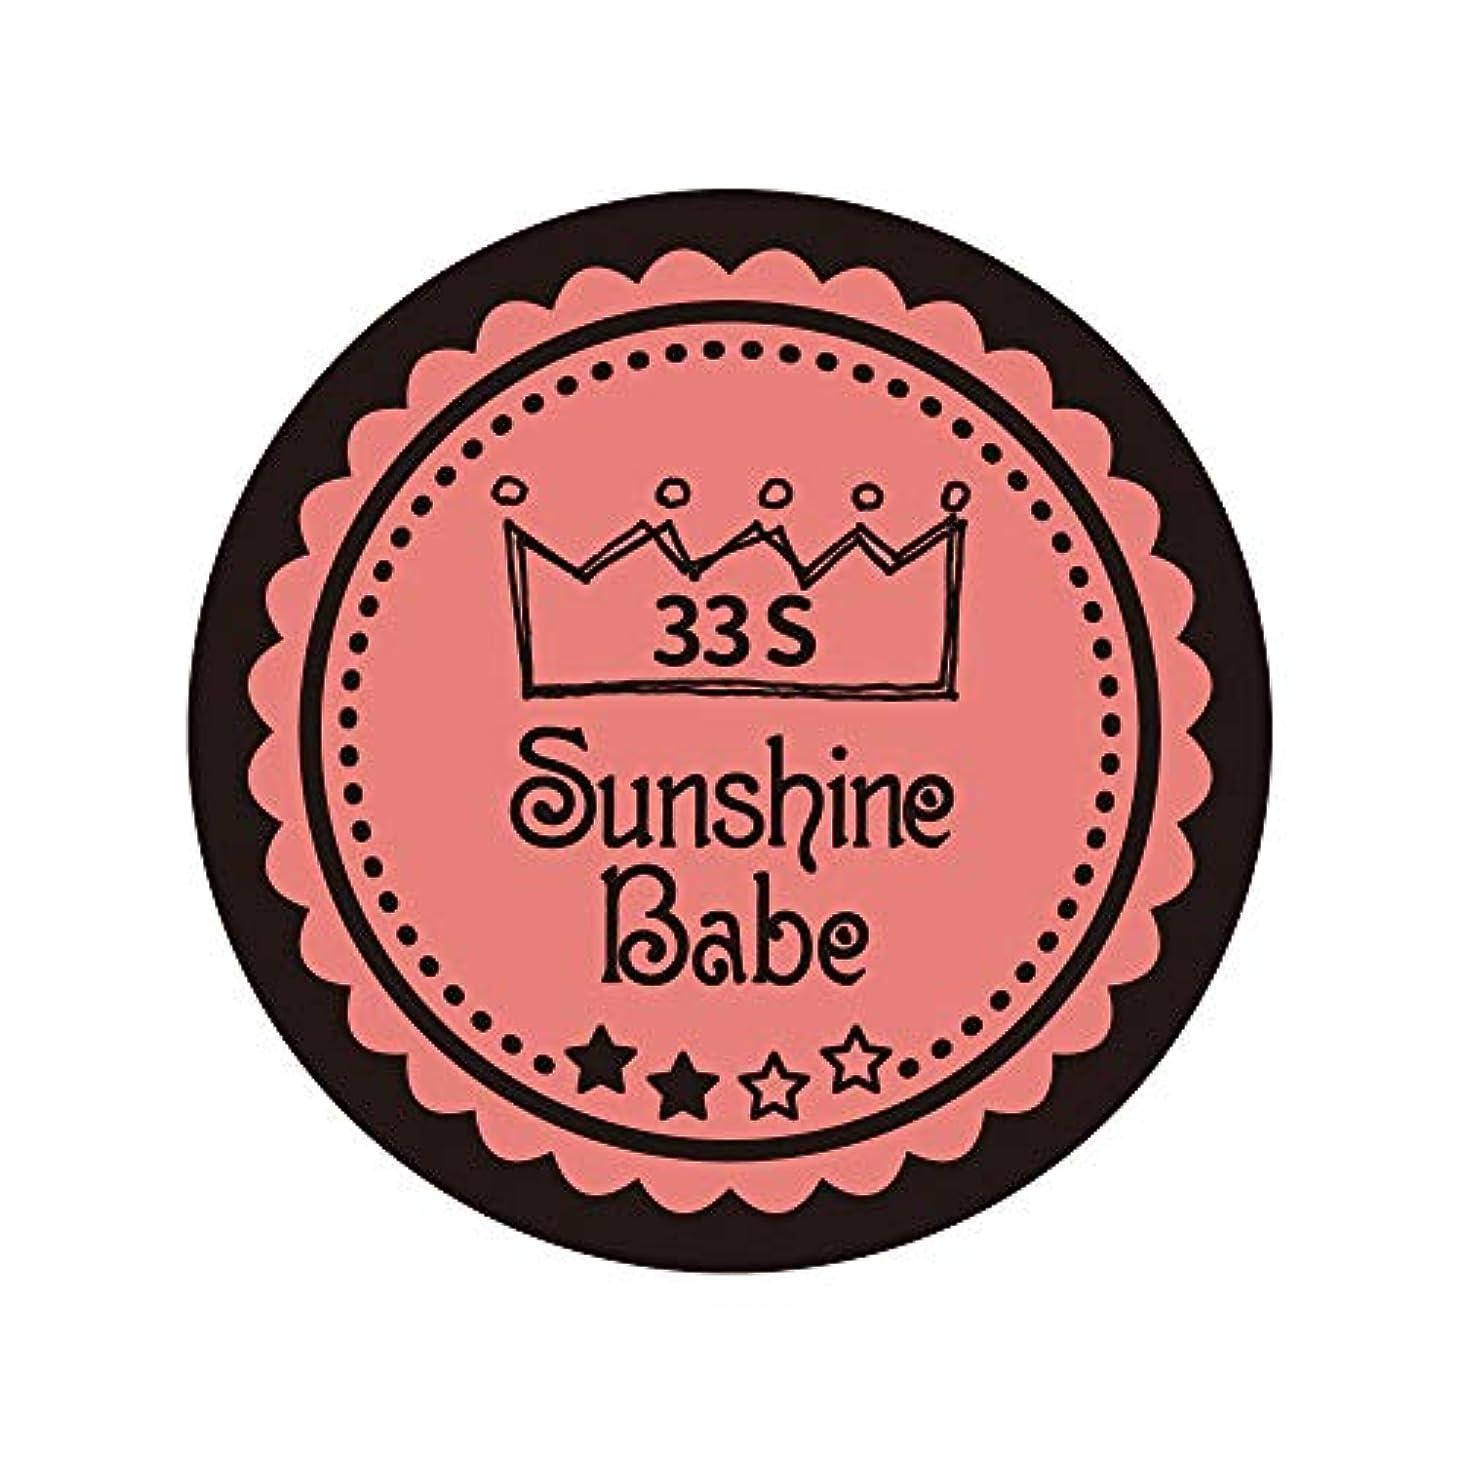 影響を受けやすいです欠伸無傷Sunshine Babe カラージェル 33S ベイクドコーラルピンク 4g UV/LED対応